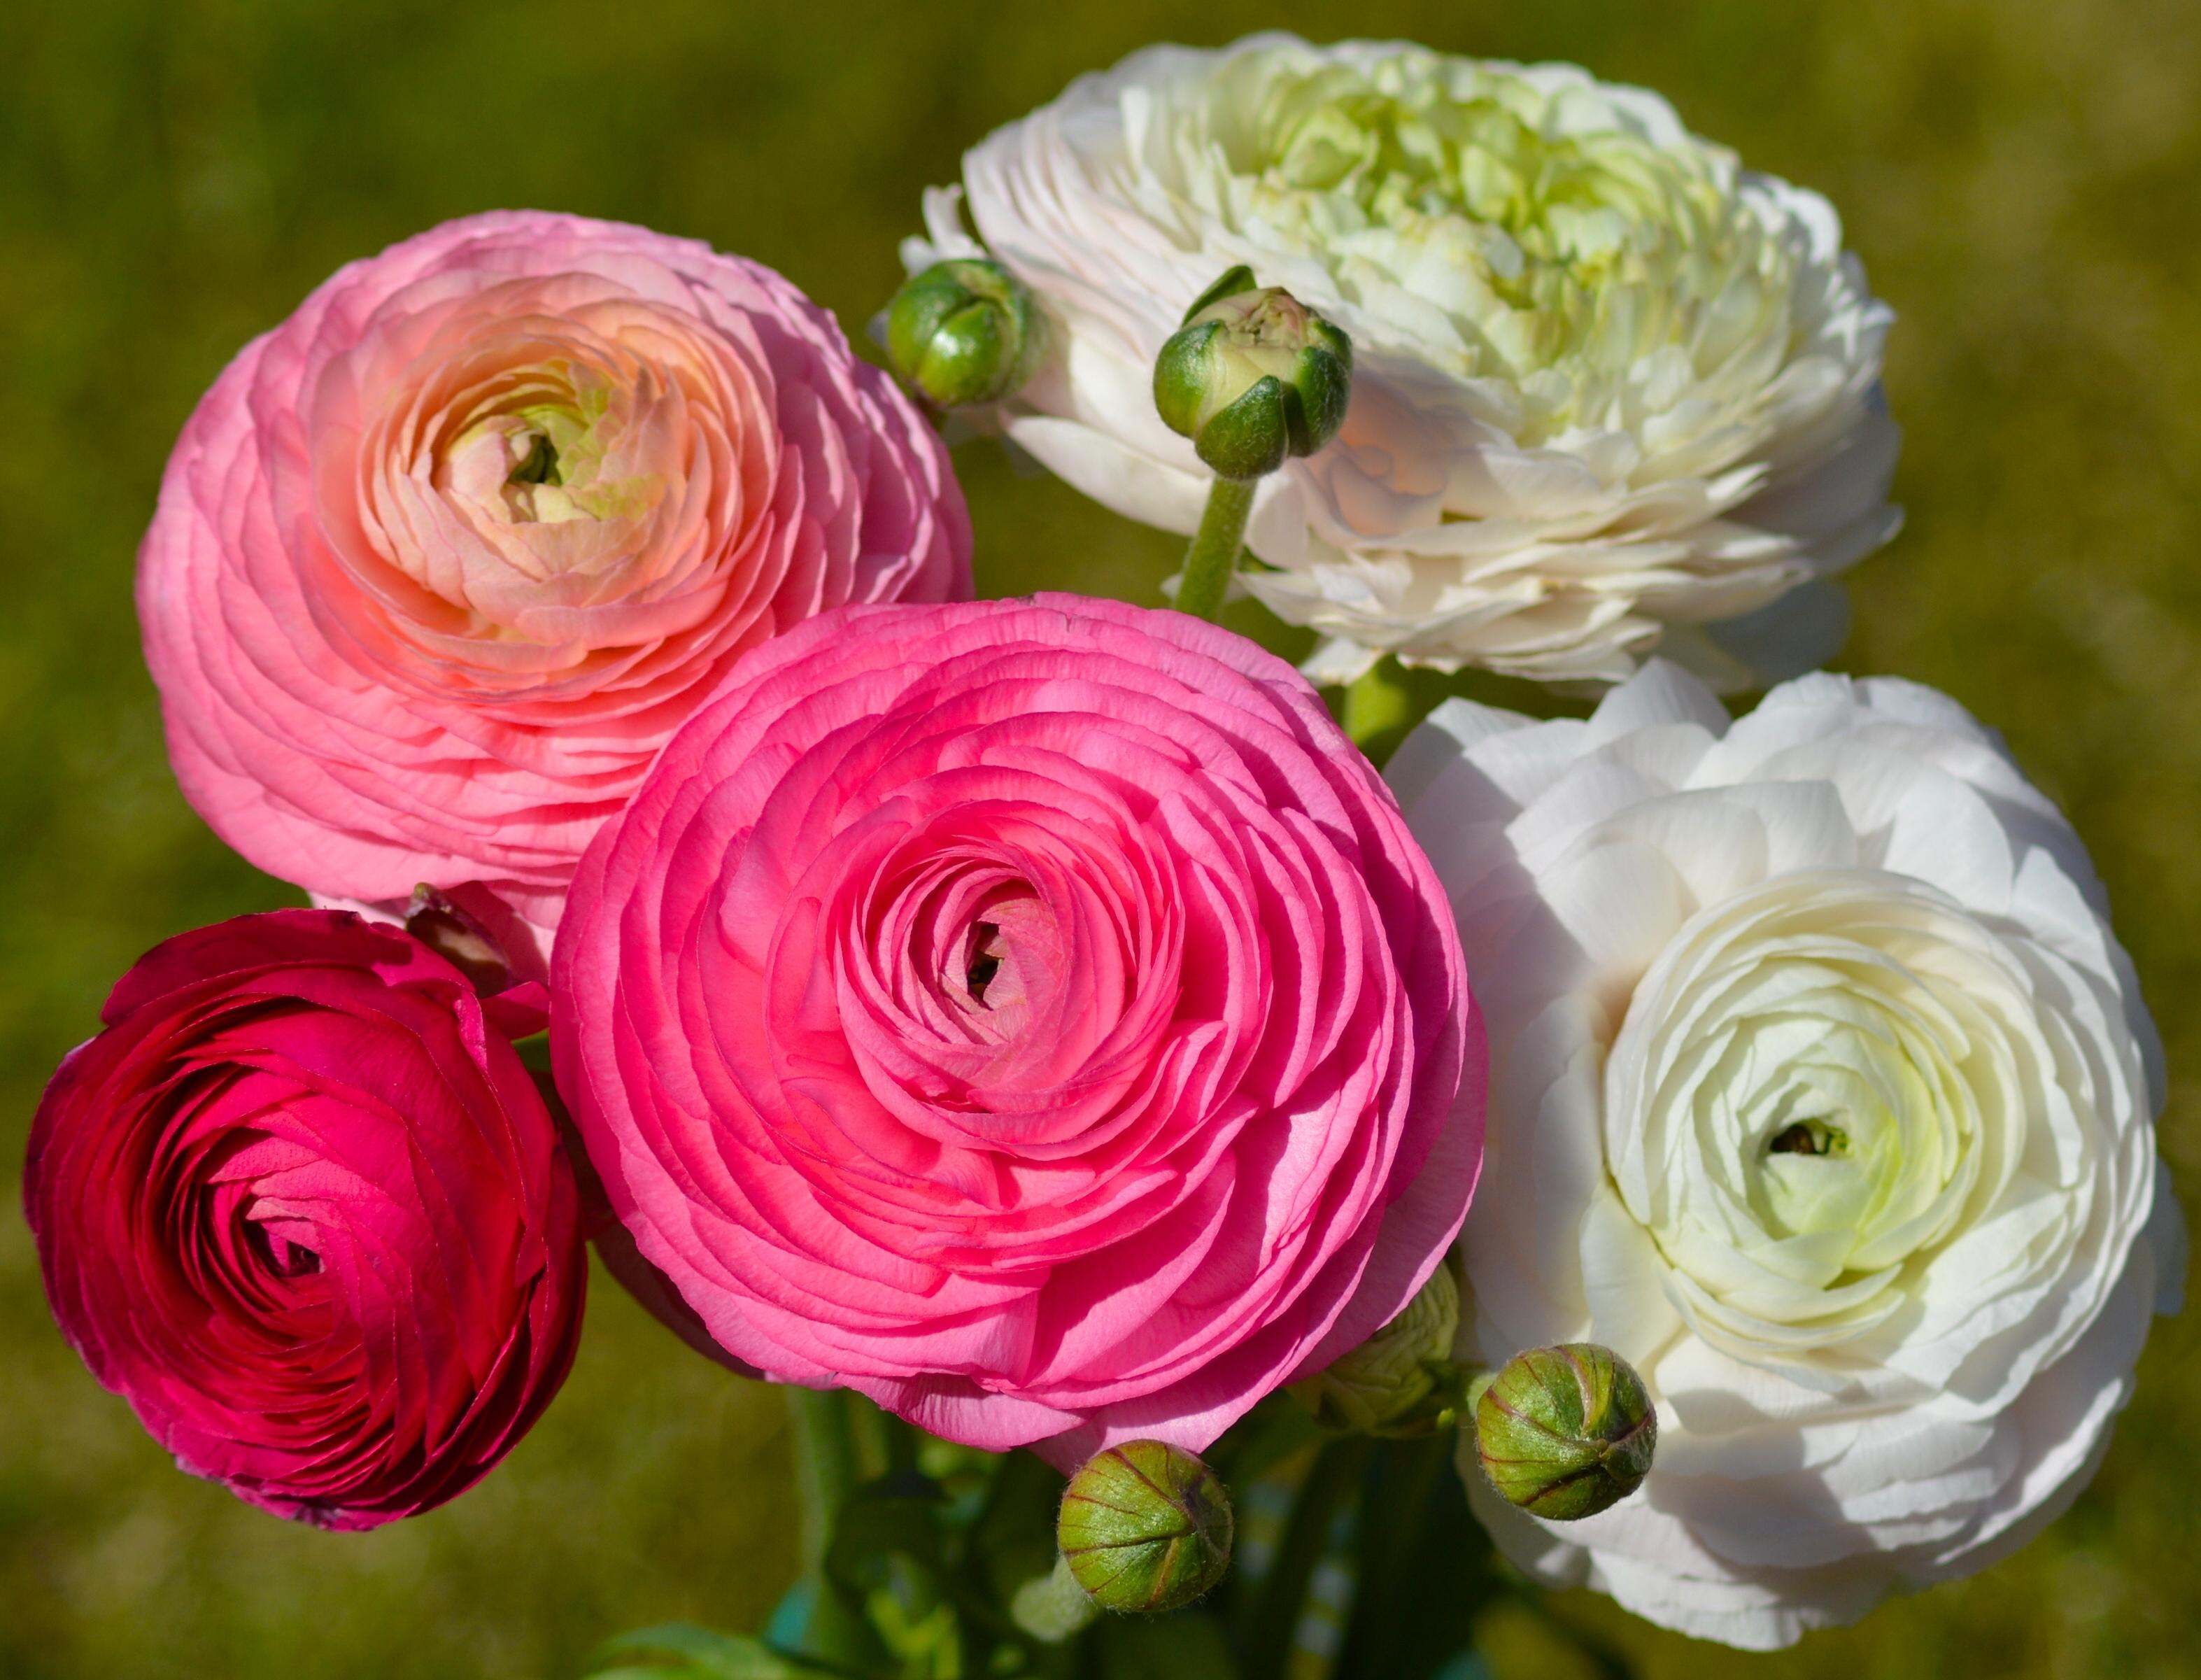 Красивые цветы для букета названия и фото, детей